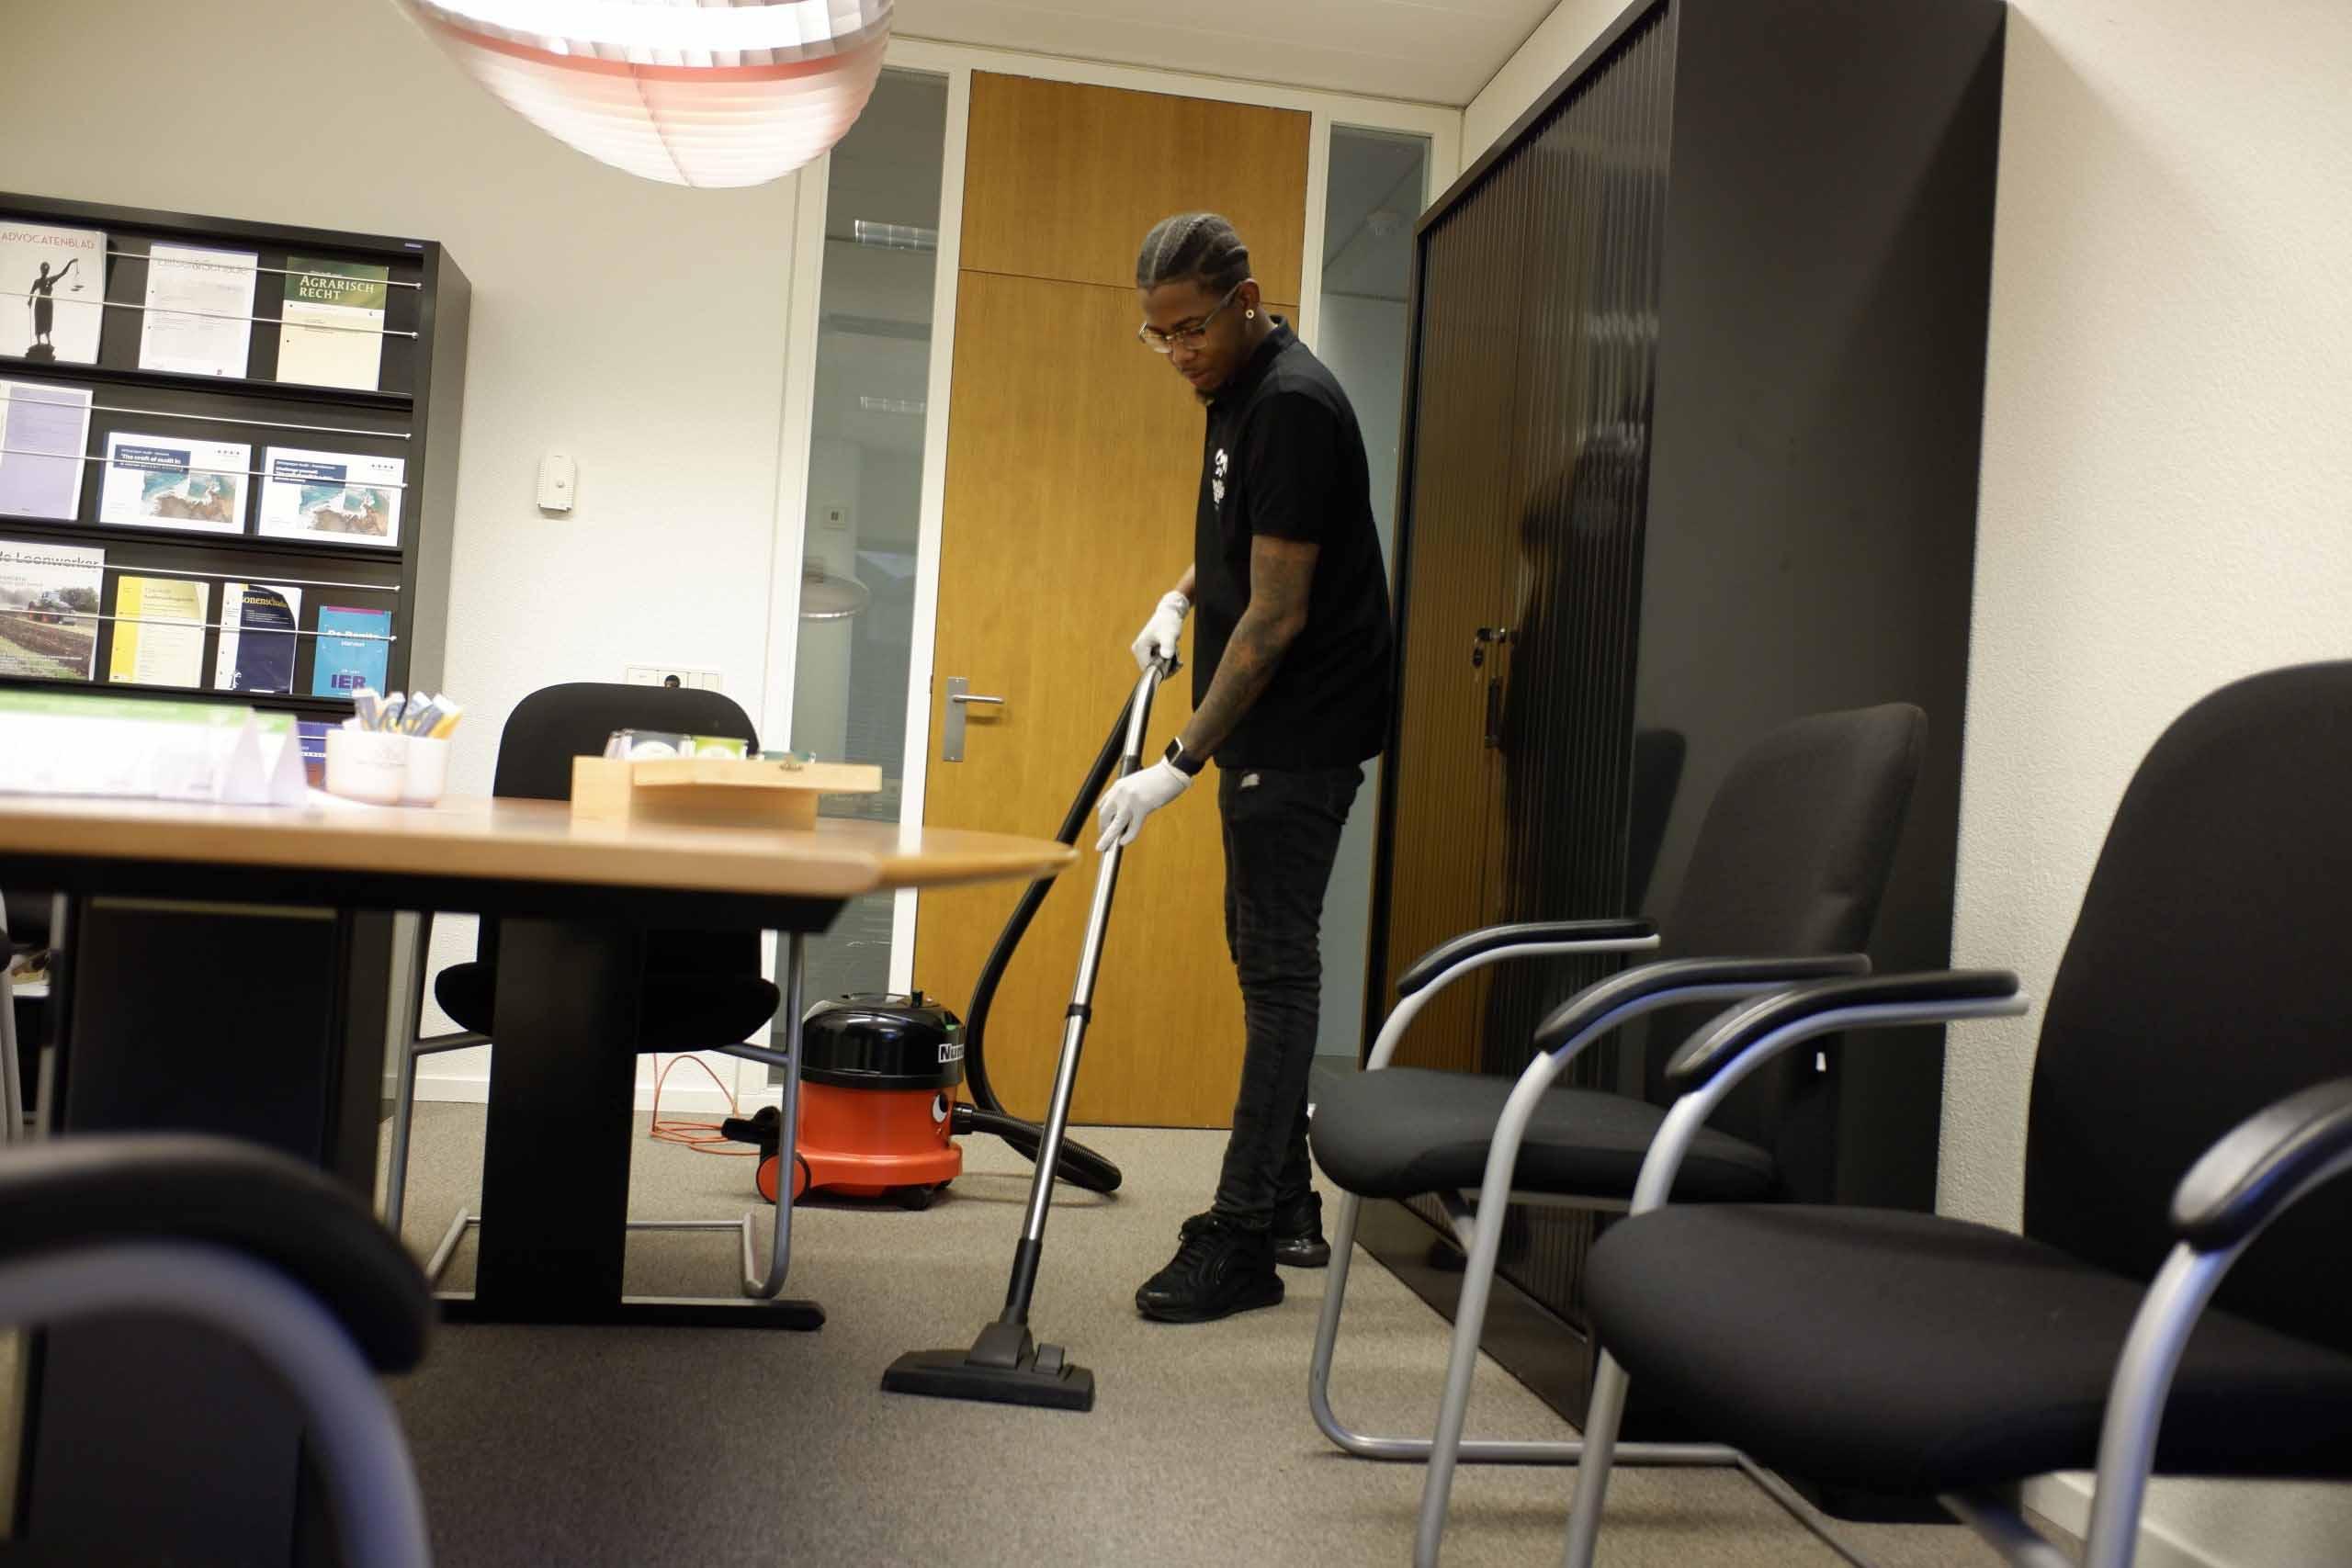 kantoor schoonmaak